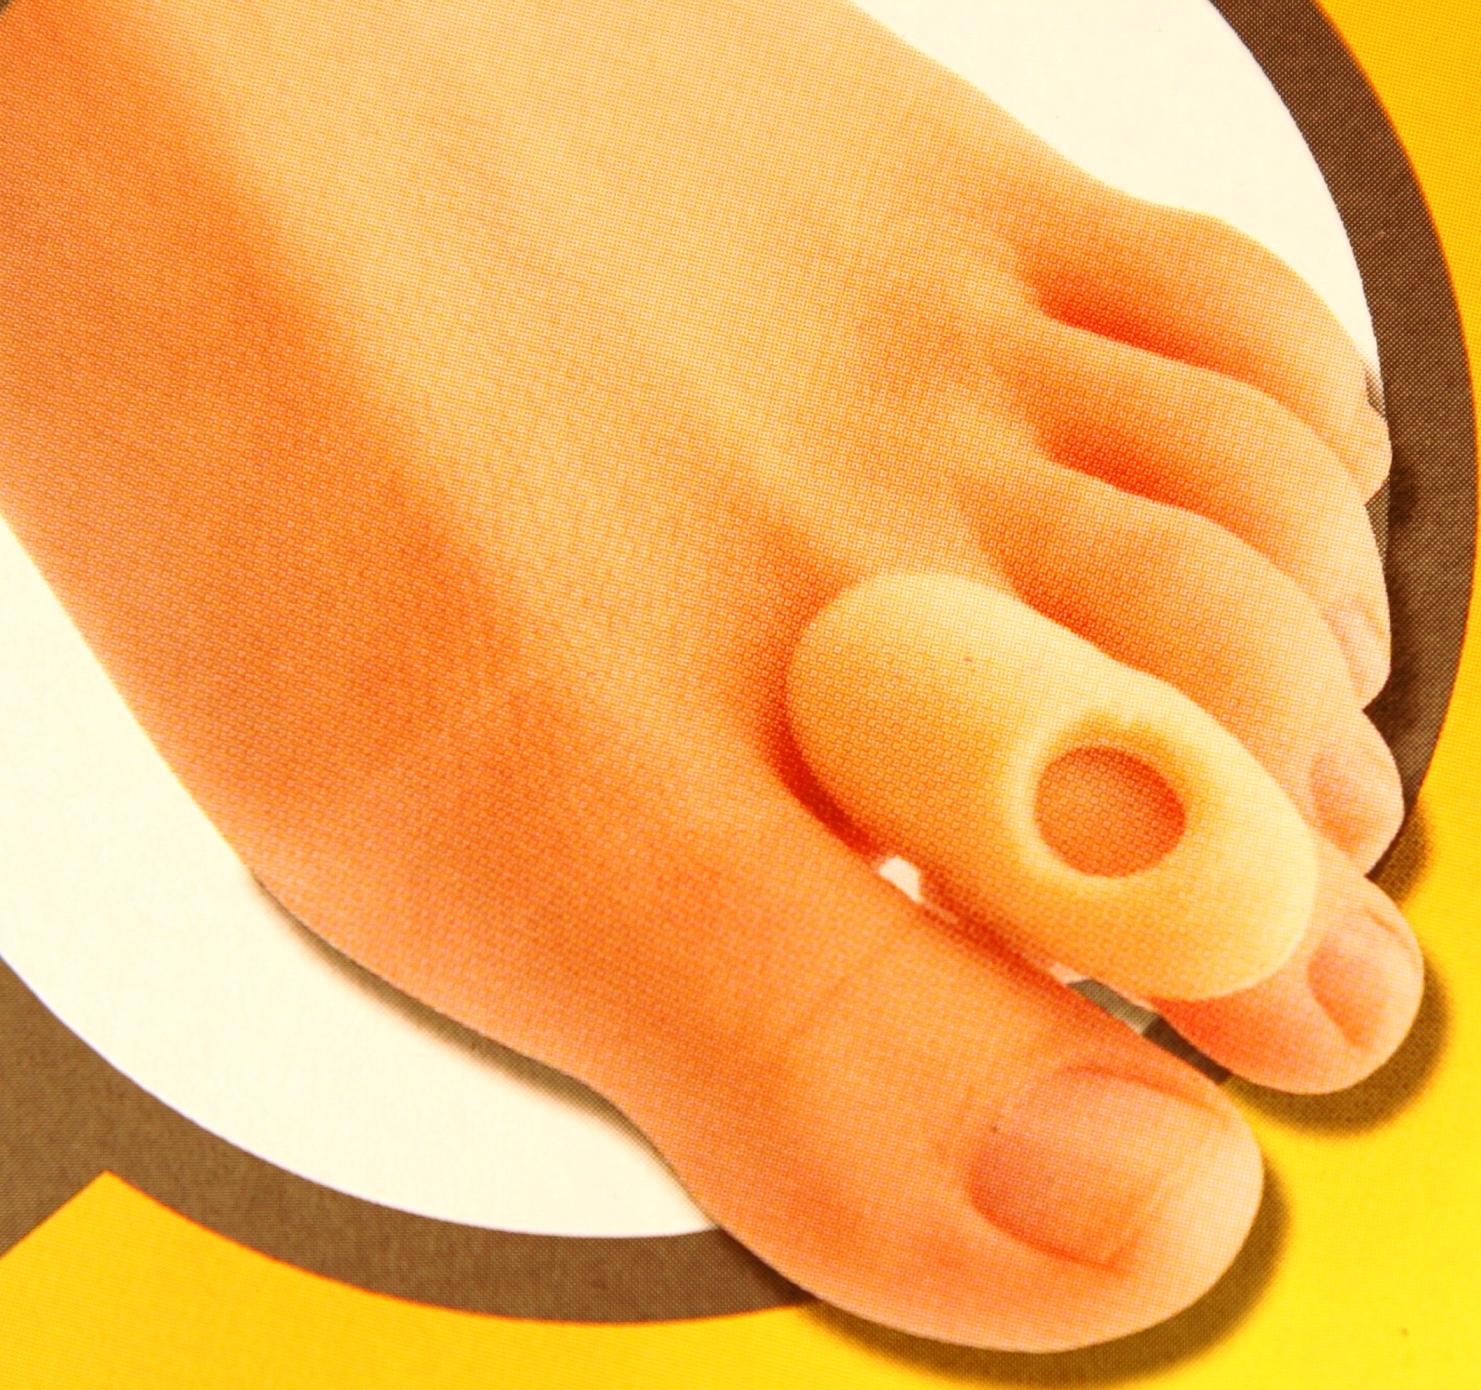 hogyan kell kezelni a lábujjak ízületi gyulladását)